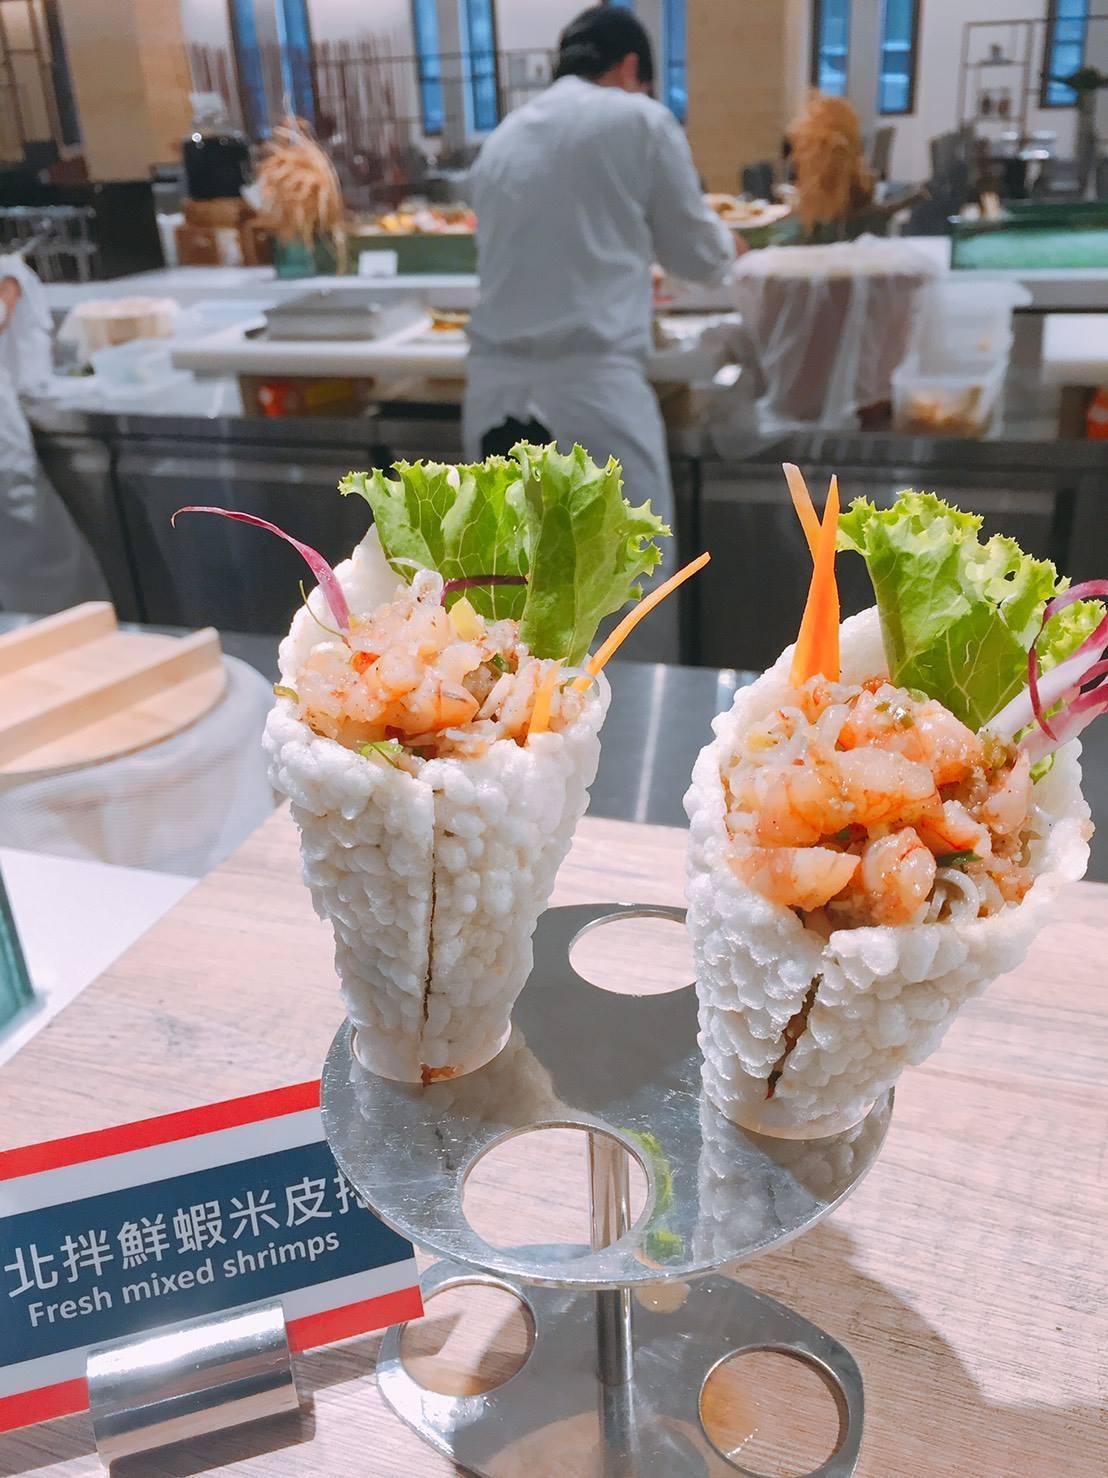 首波南洋泰國美食節,推出20多道泰國蝦料理。圖/摘自天賜良緣大飯店粉絲專頁